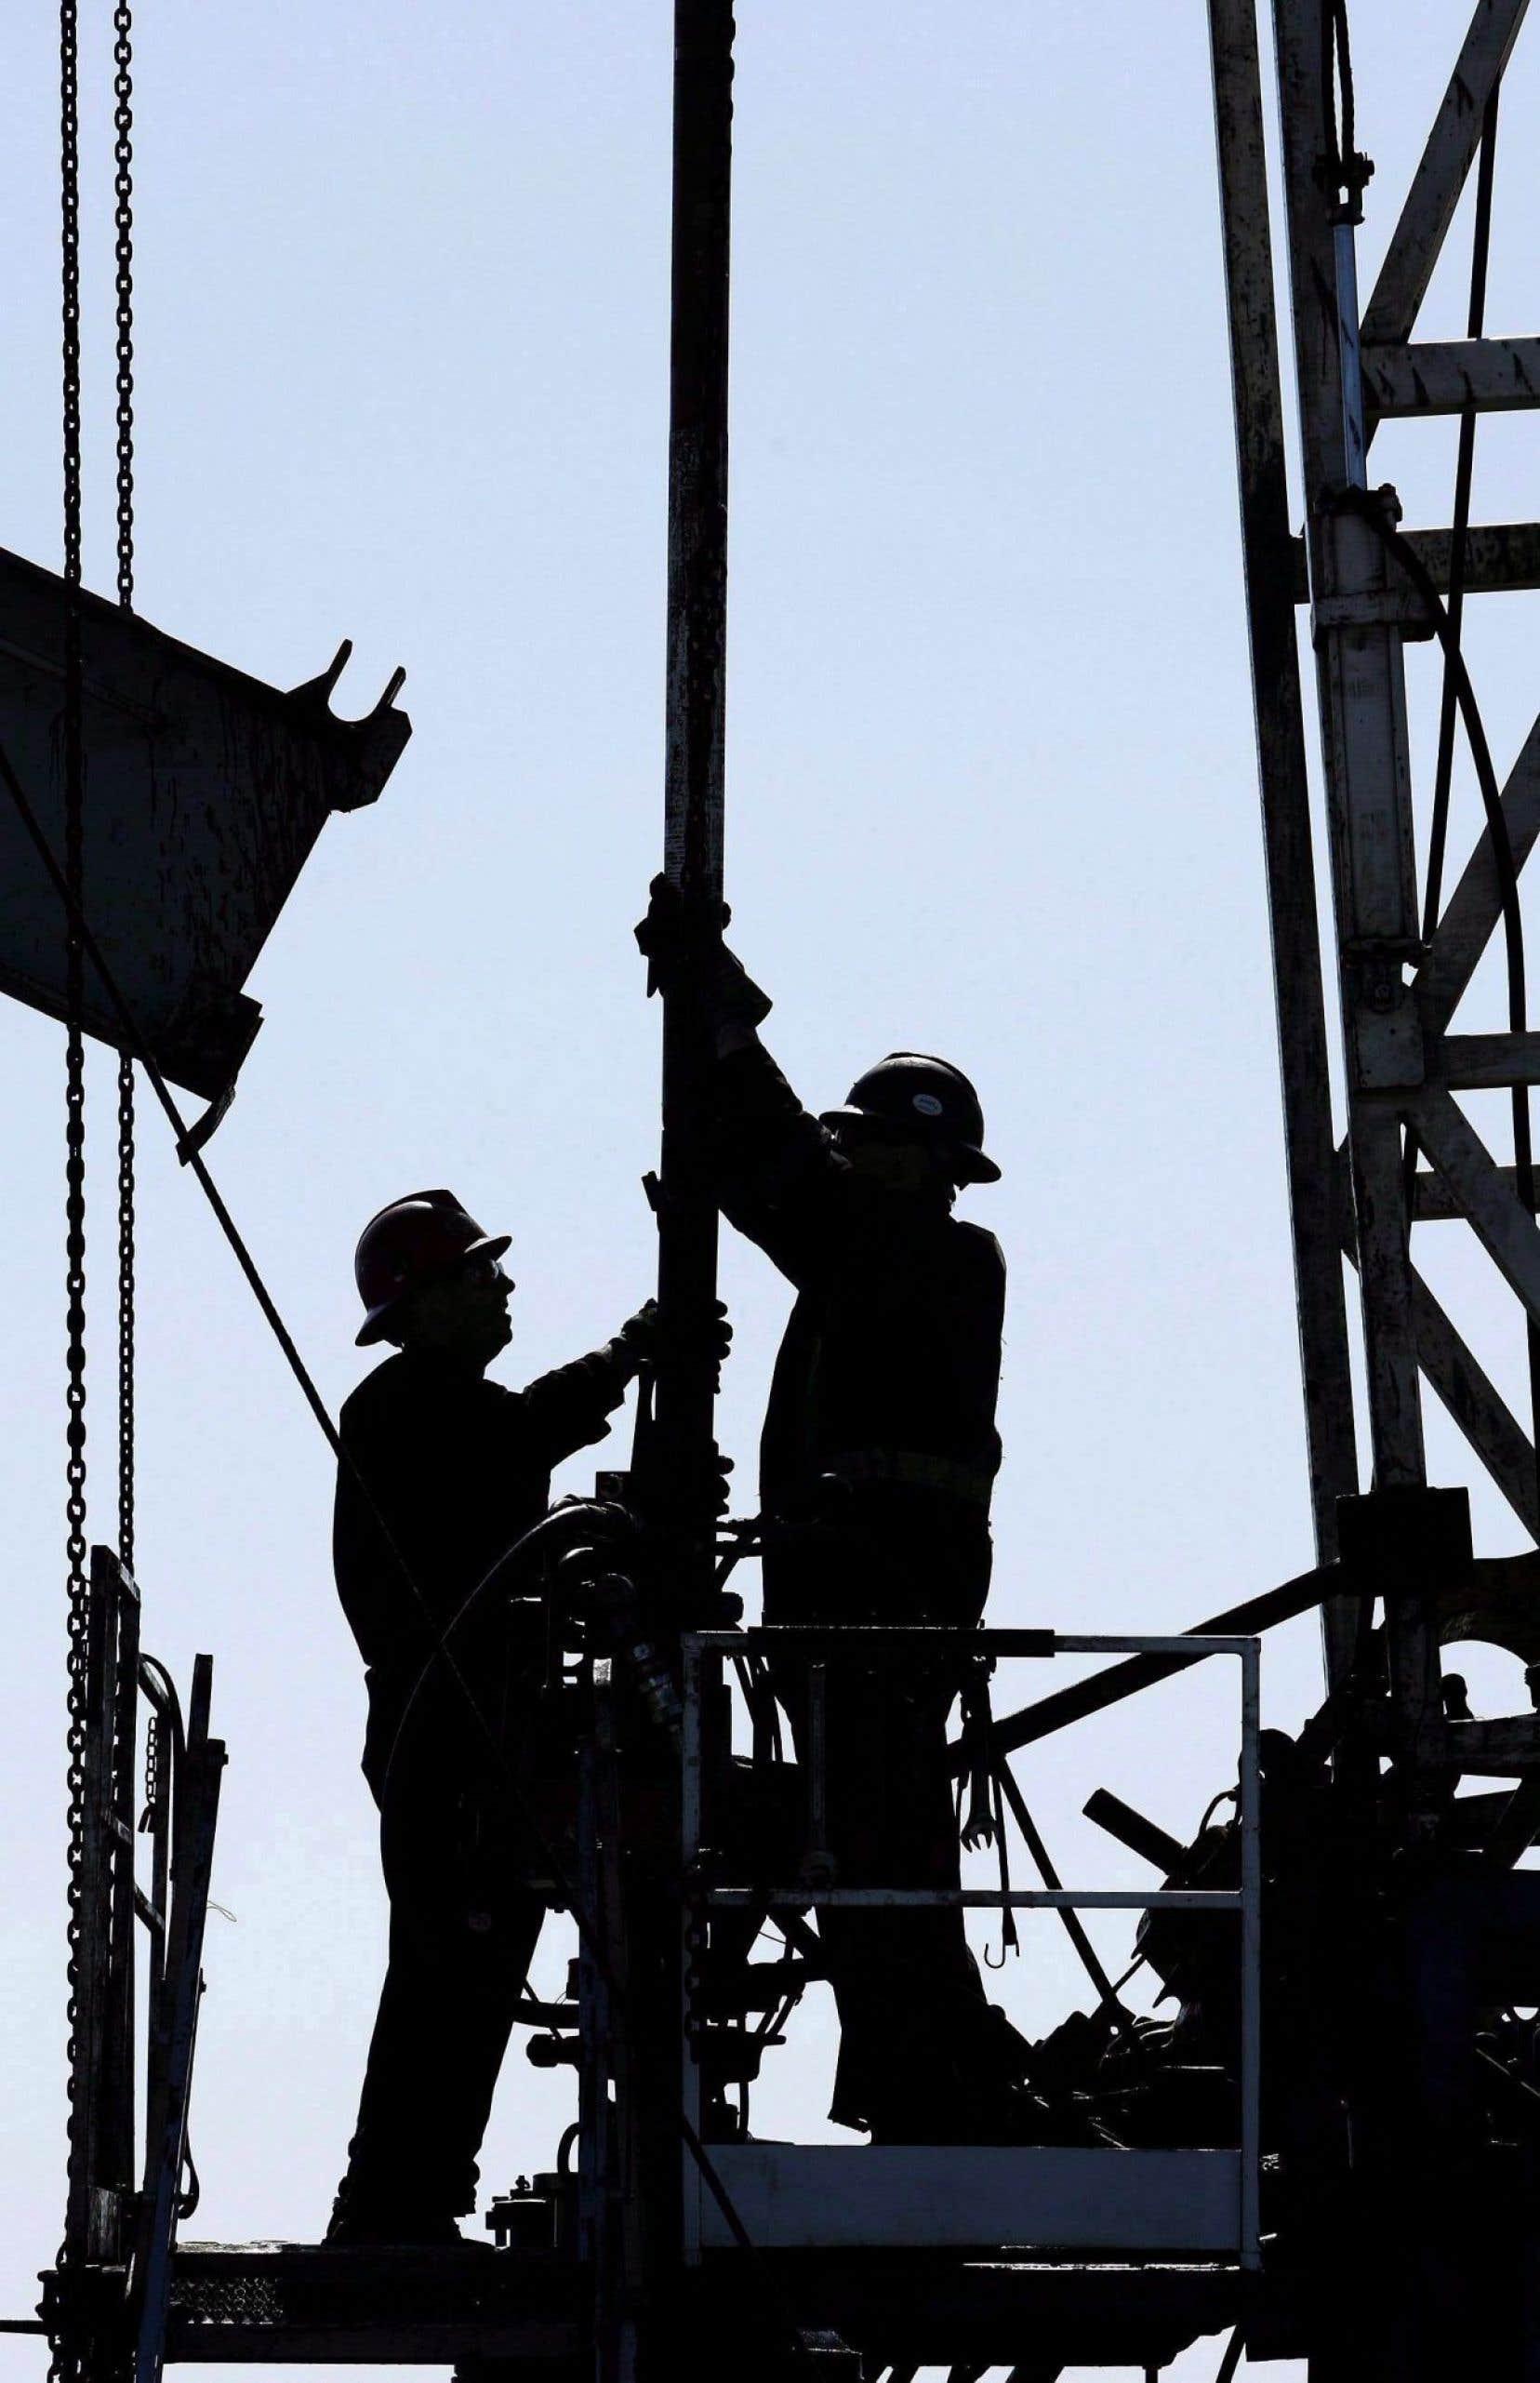 Enbridge est une entreprise albertaine spécialisée dans le transport du pétrole.